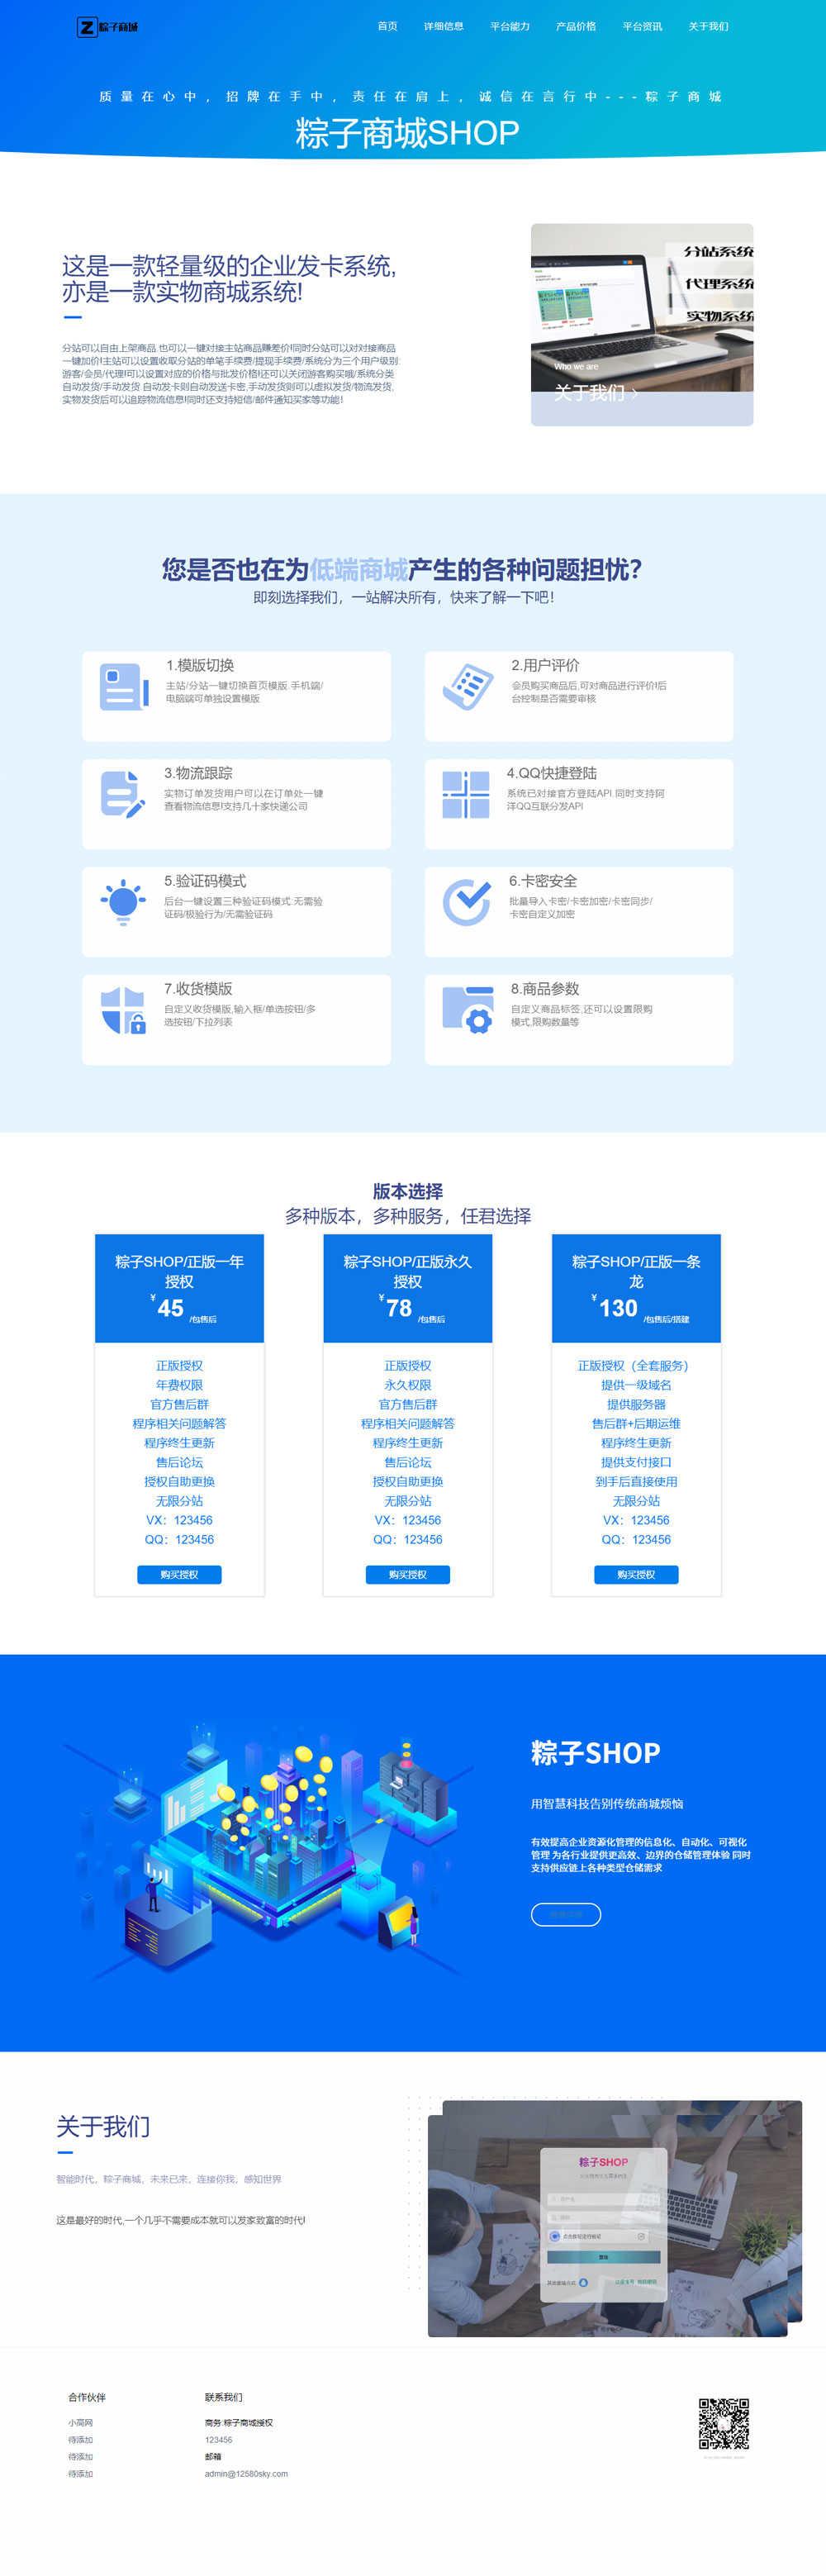 粽子实物商城官网展示html源码